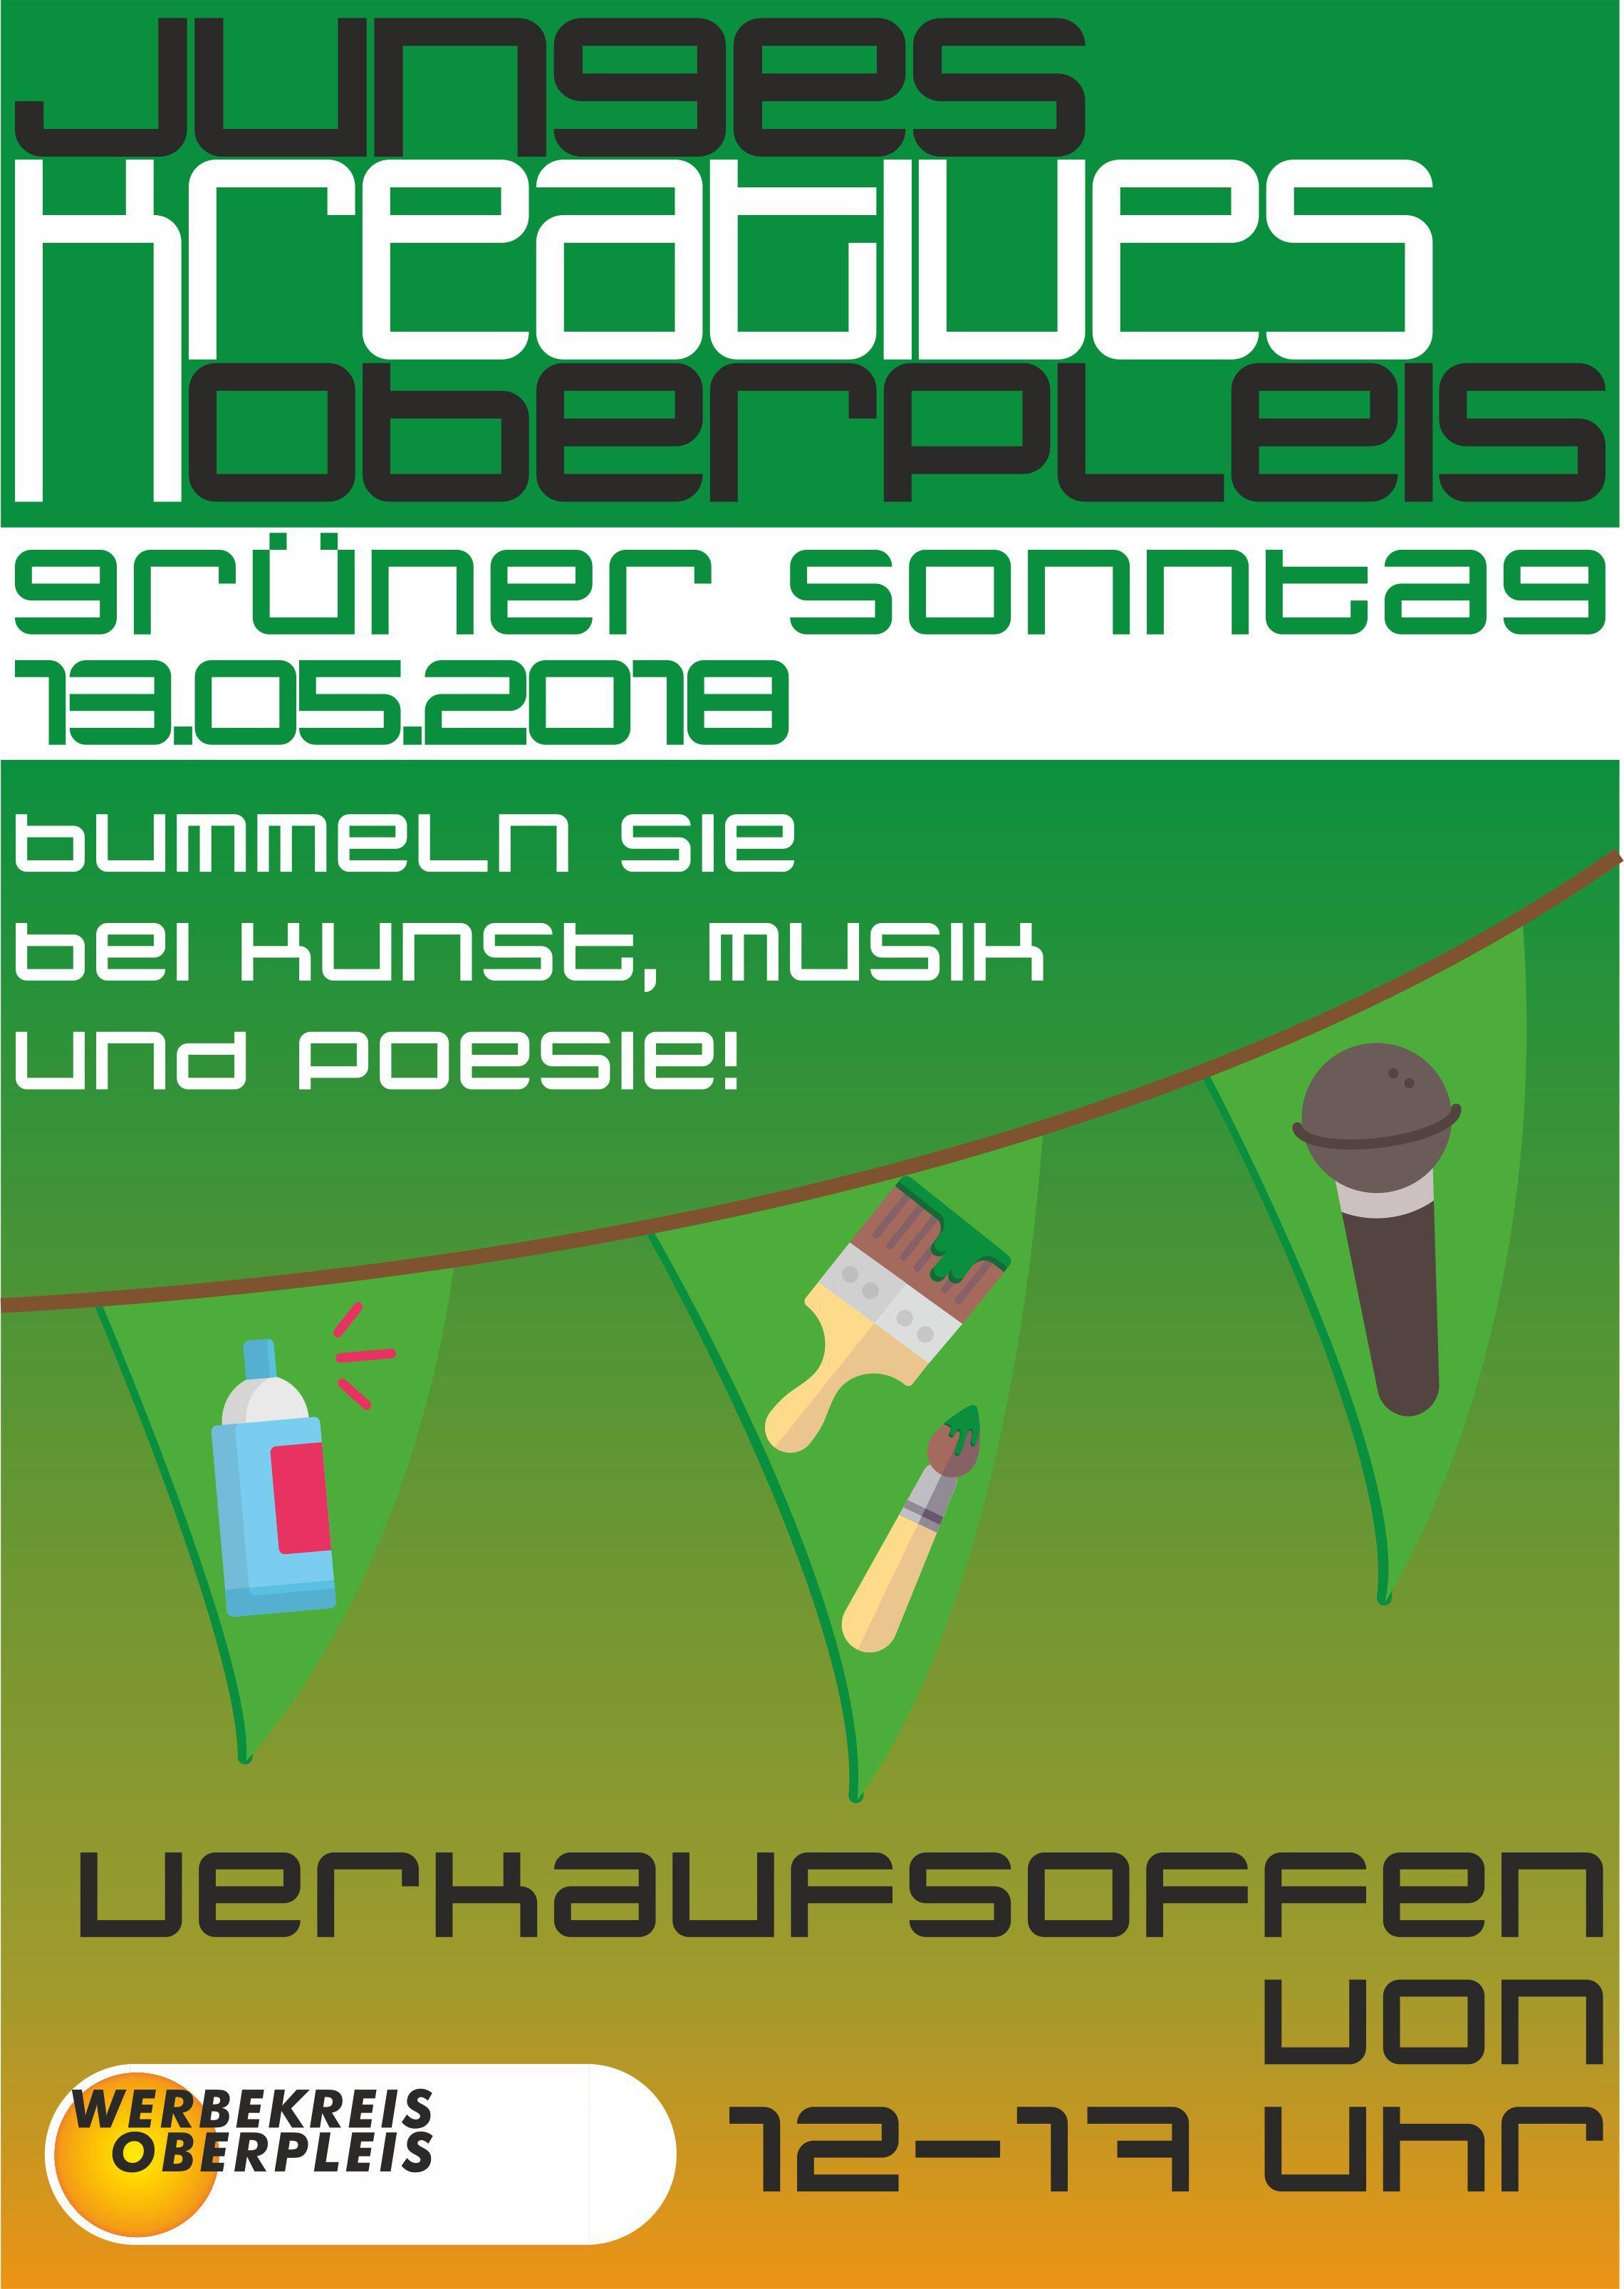 Verkaufsoffener Sonntag am 13.05.2018 in Königswinter Oberpleis.